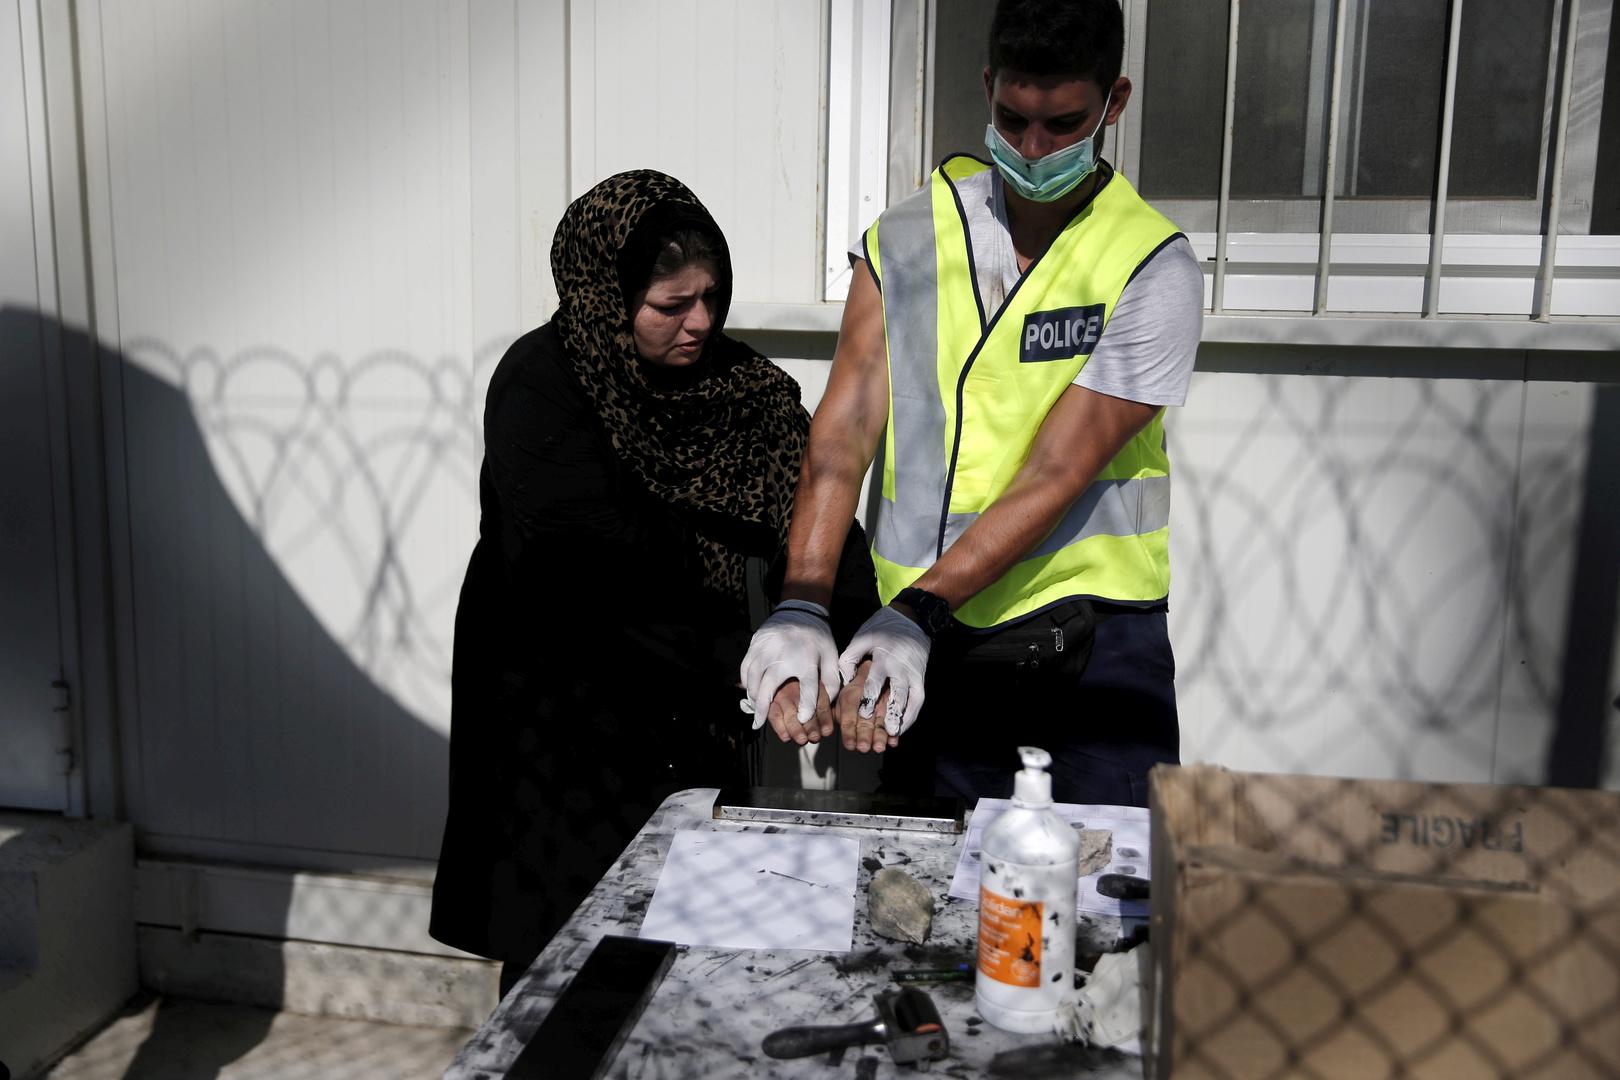 Ein afghanischer Flüchtling lässt sich von einem Polizeibeamten während eines Registrierungsverfahrens im Flüchtlingslager in der Nähe des Dorfes Moria auf der griechischen Insel Lesbos ihre Fingerabdrücke abnehmen. 13. September 2015.